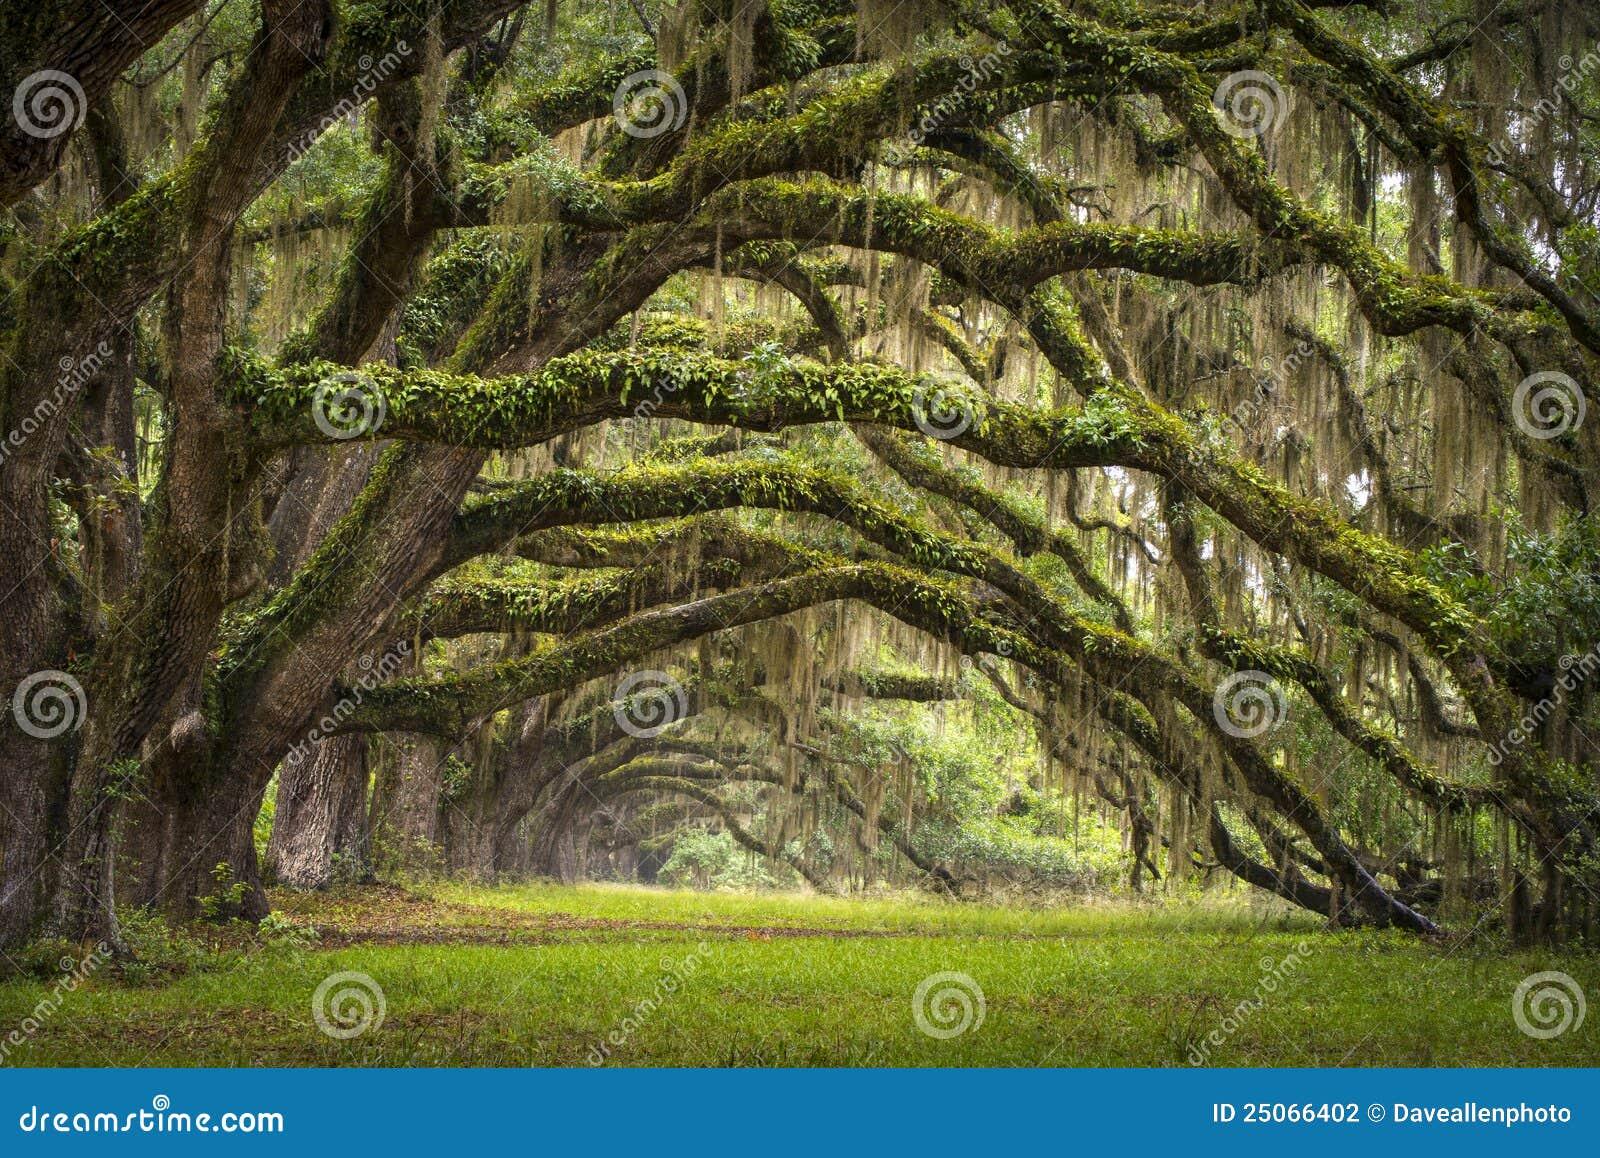 大道查尔斯顿小橡树橡木种植园sc结构树